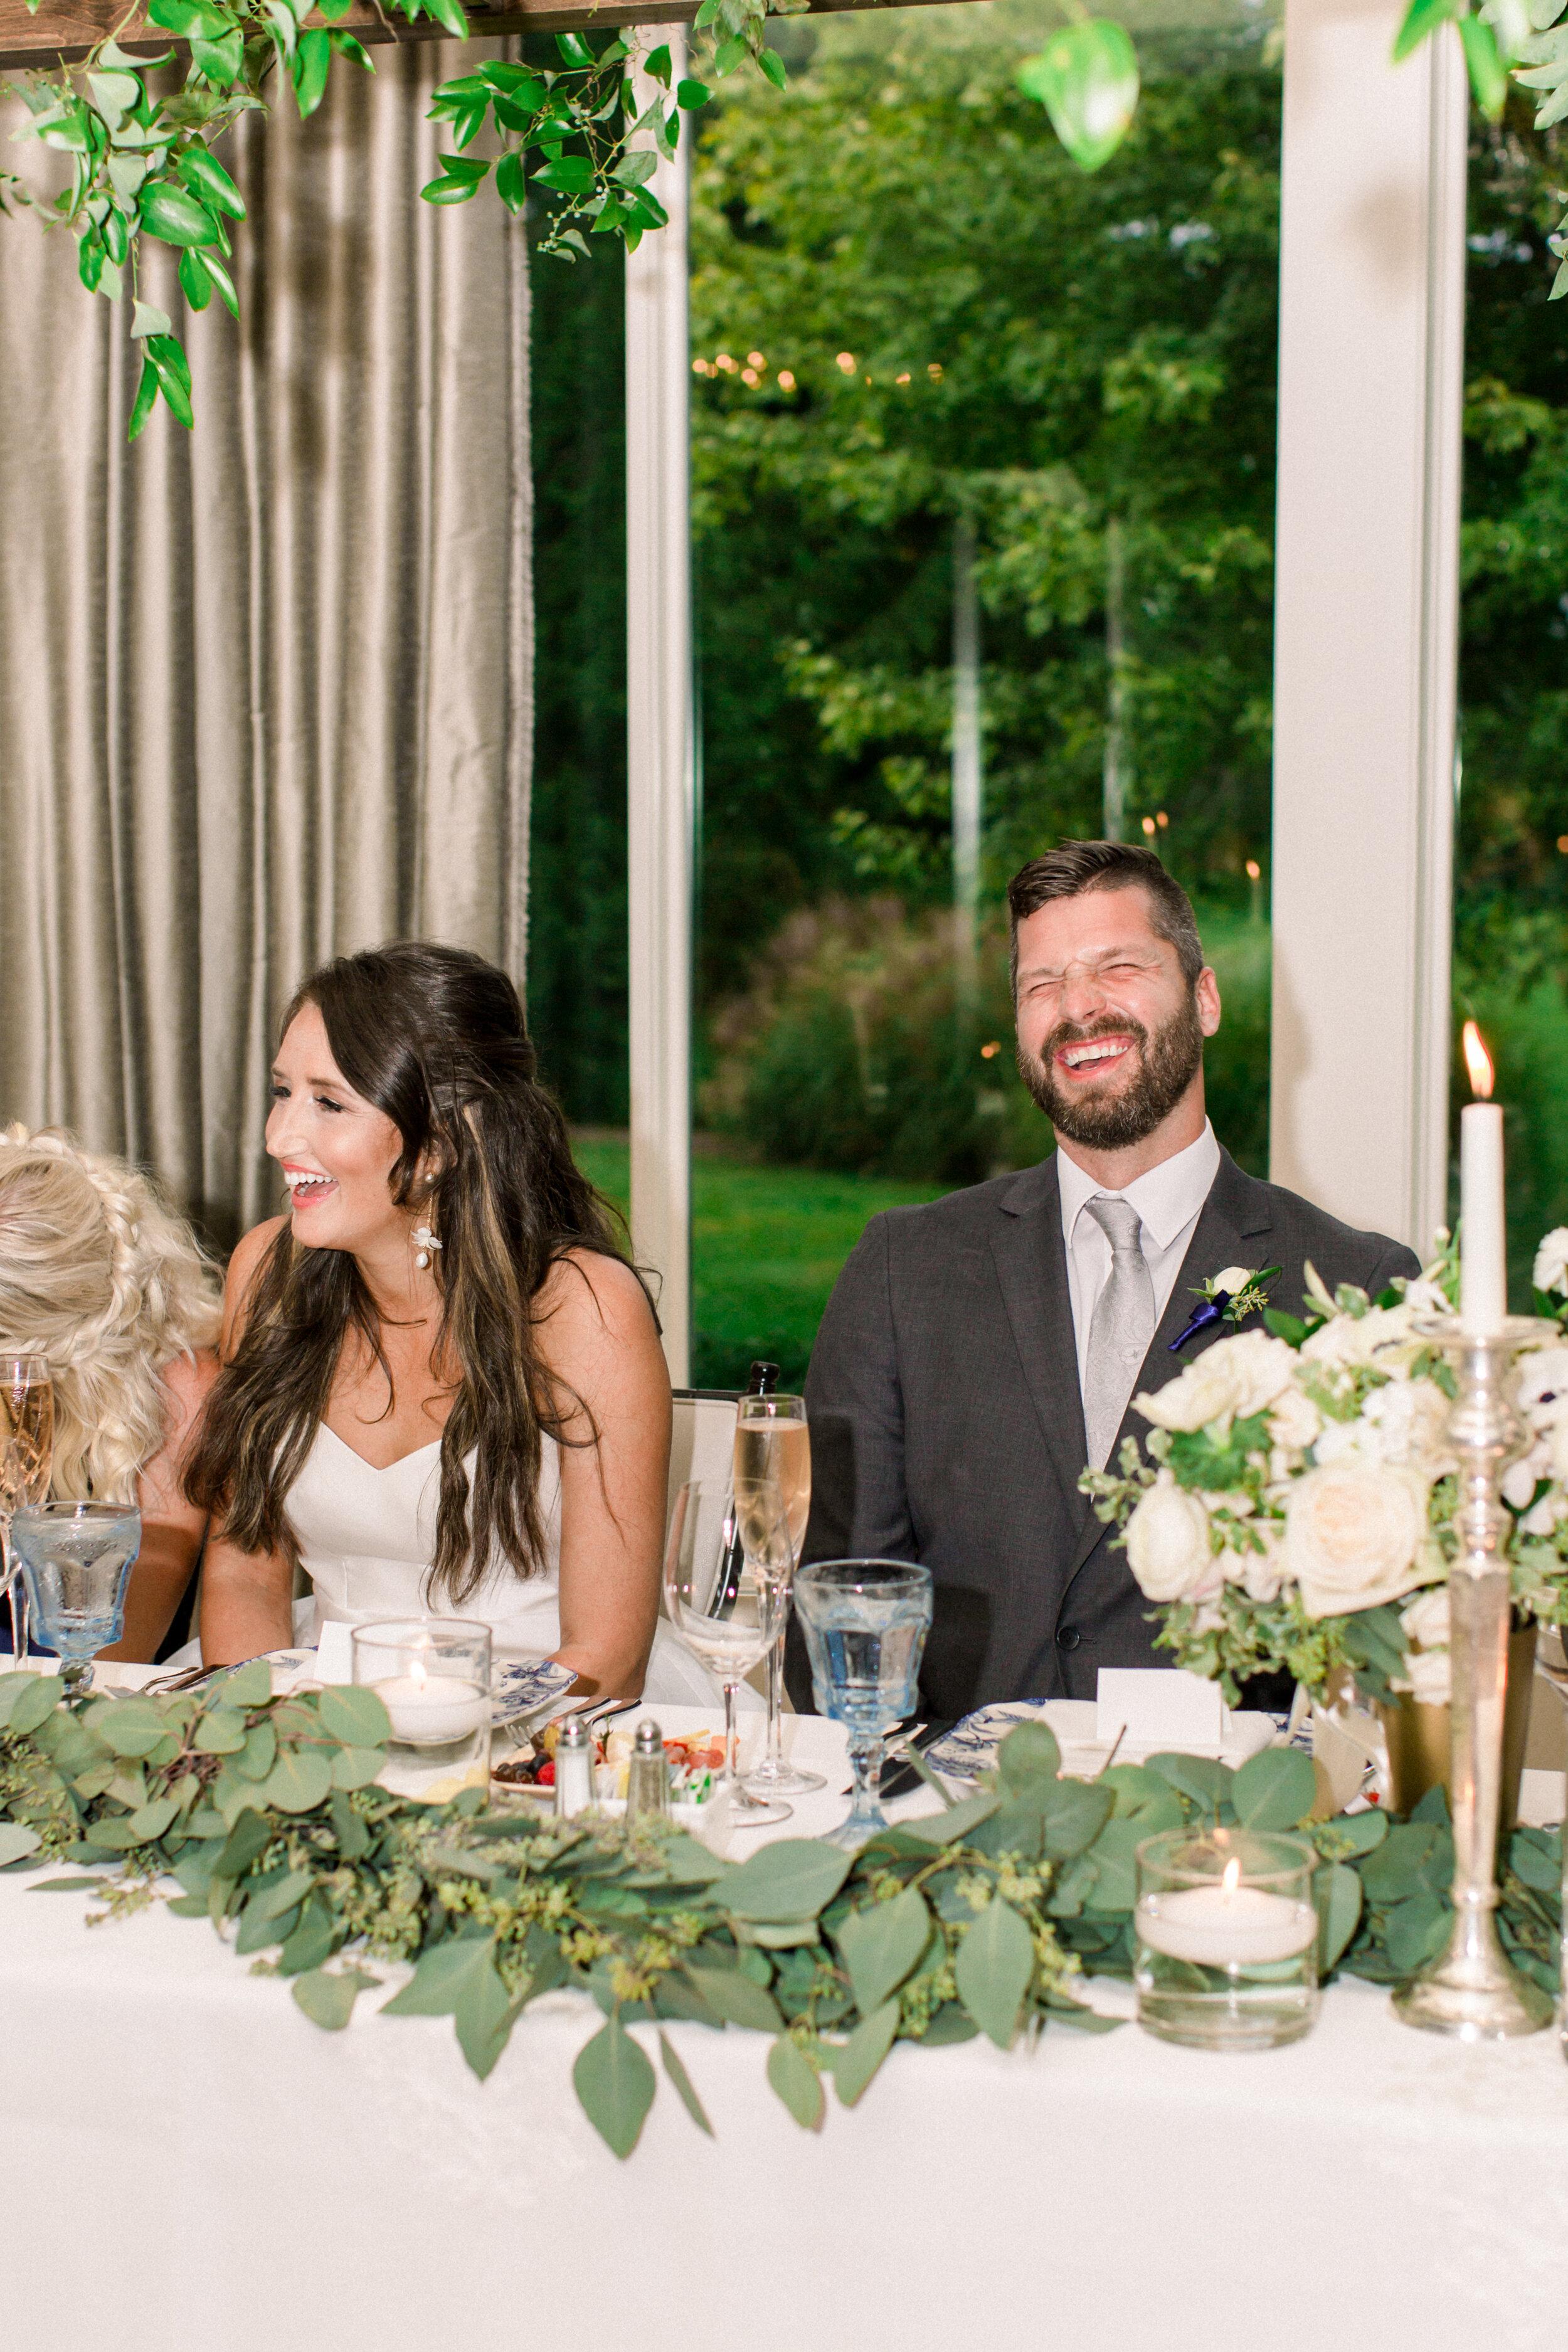 Kuiper+Wedding+Reception-55.jpg